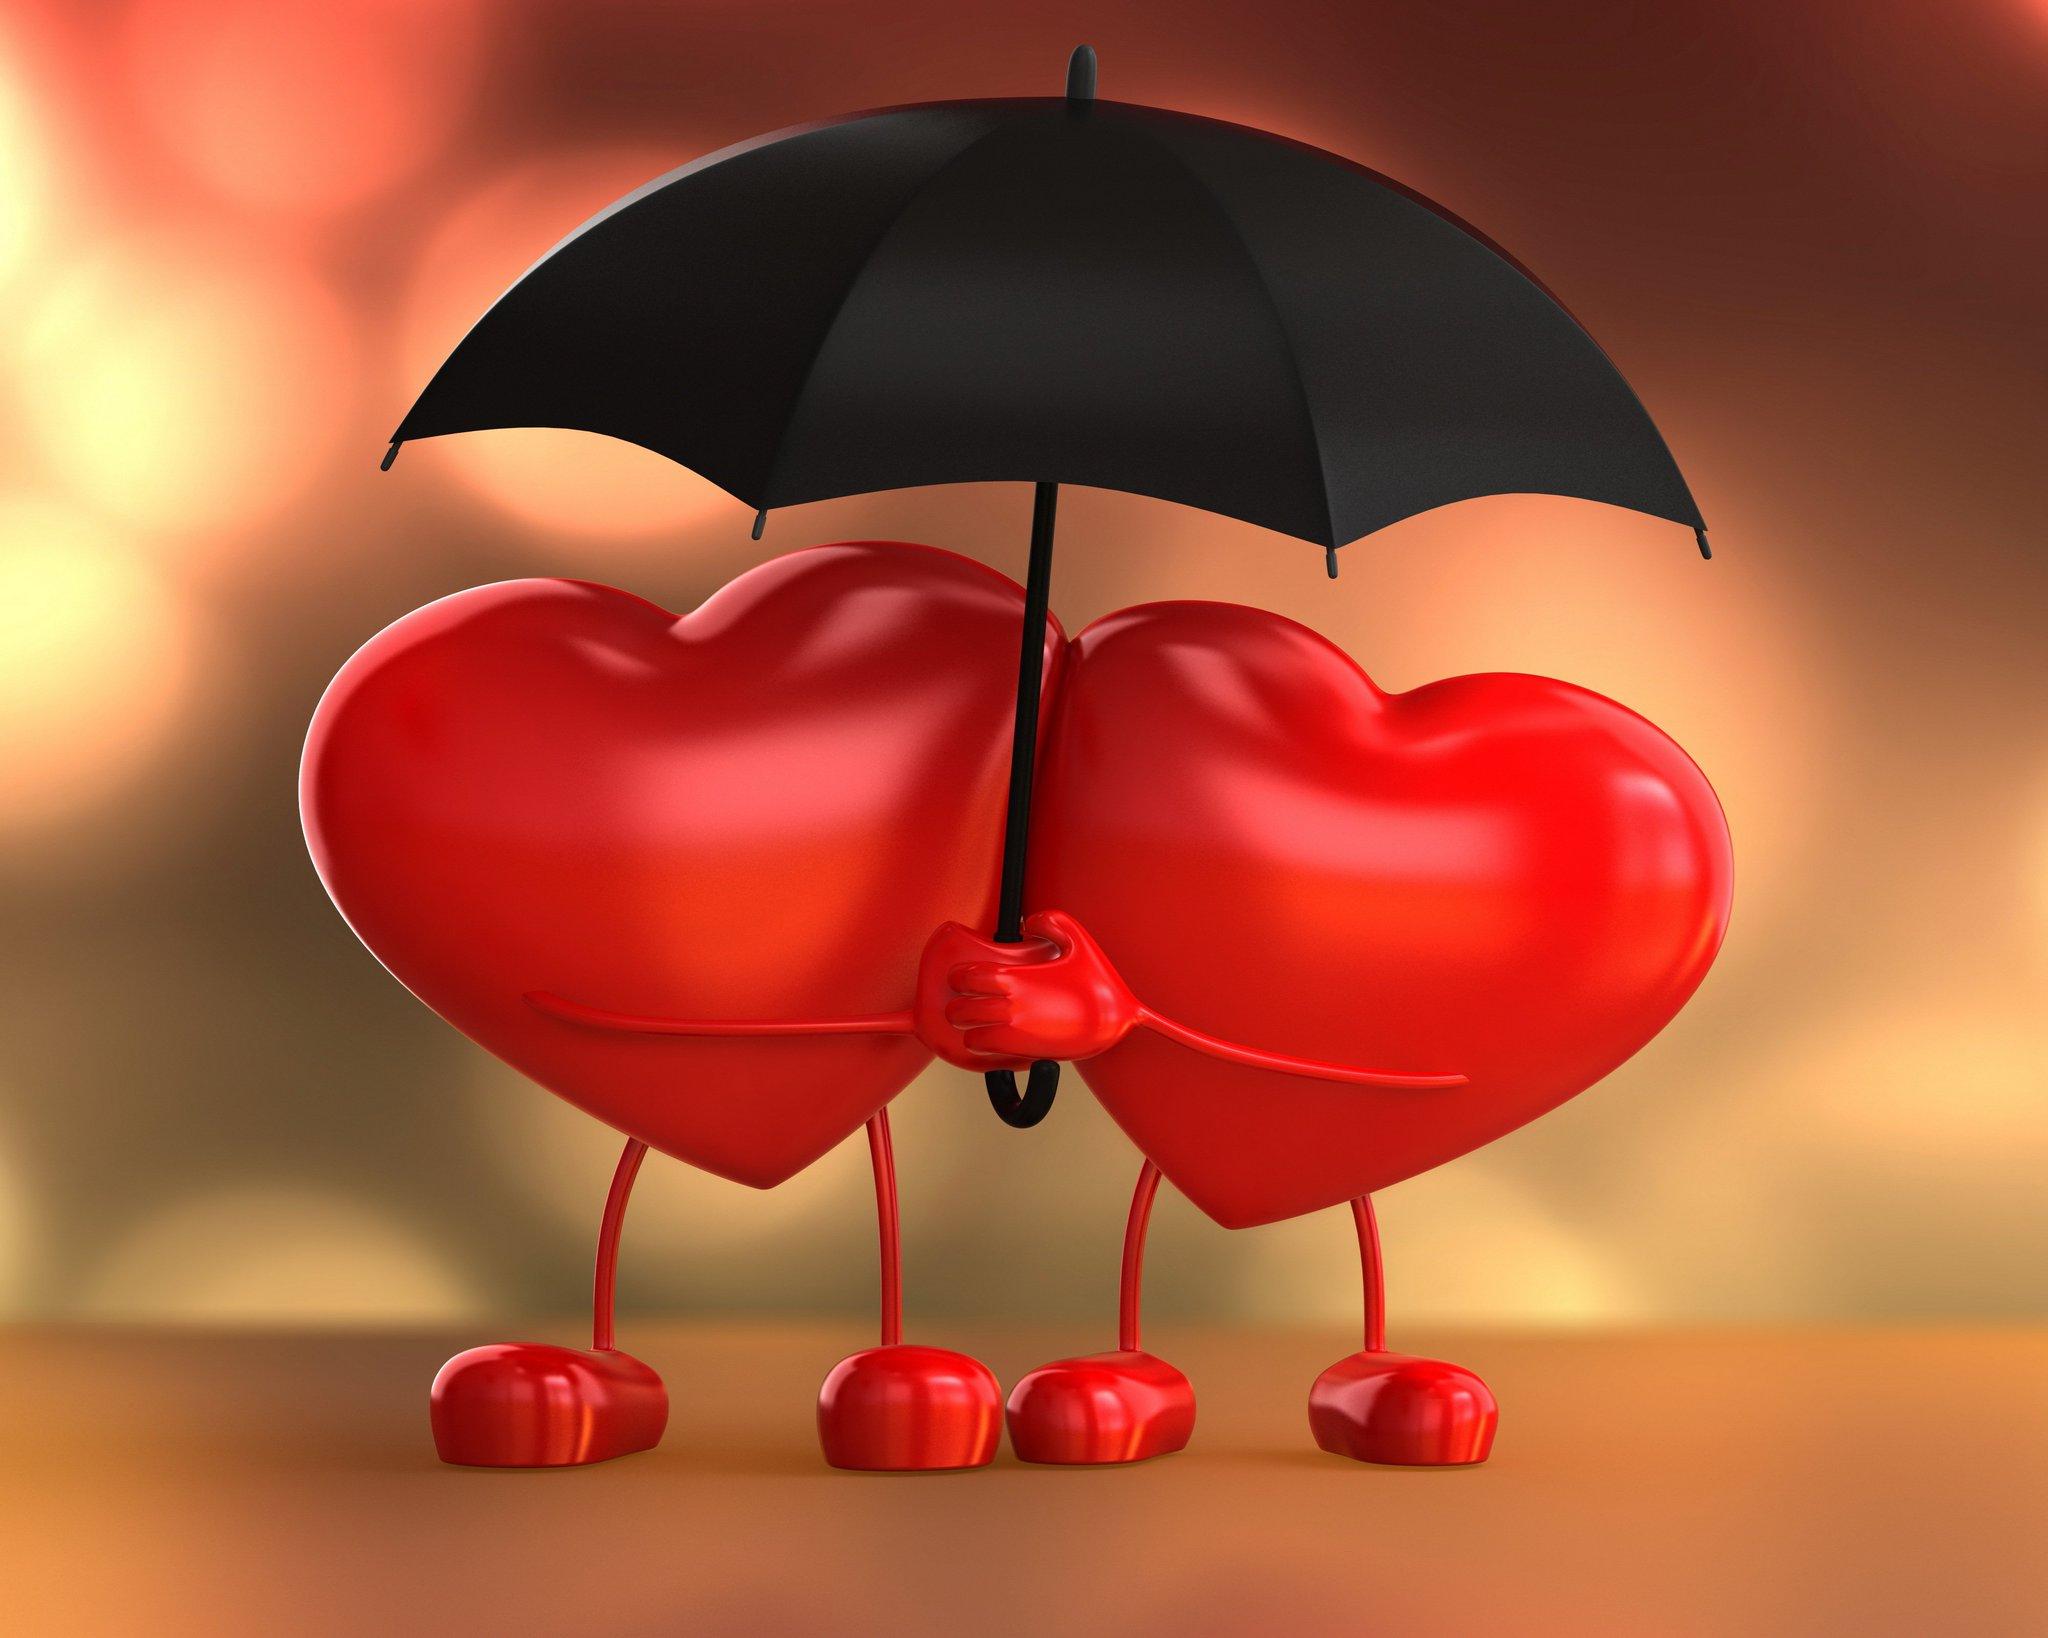 Пятью, видео картинки про любовь